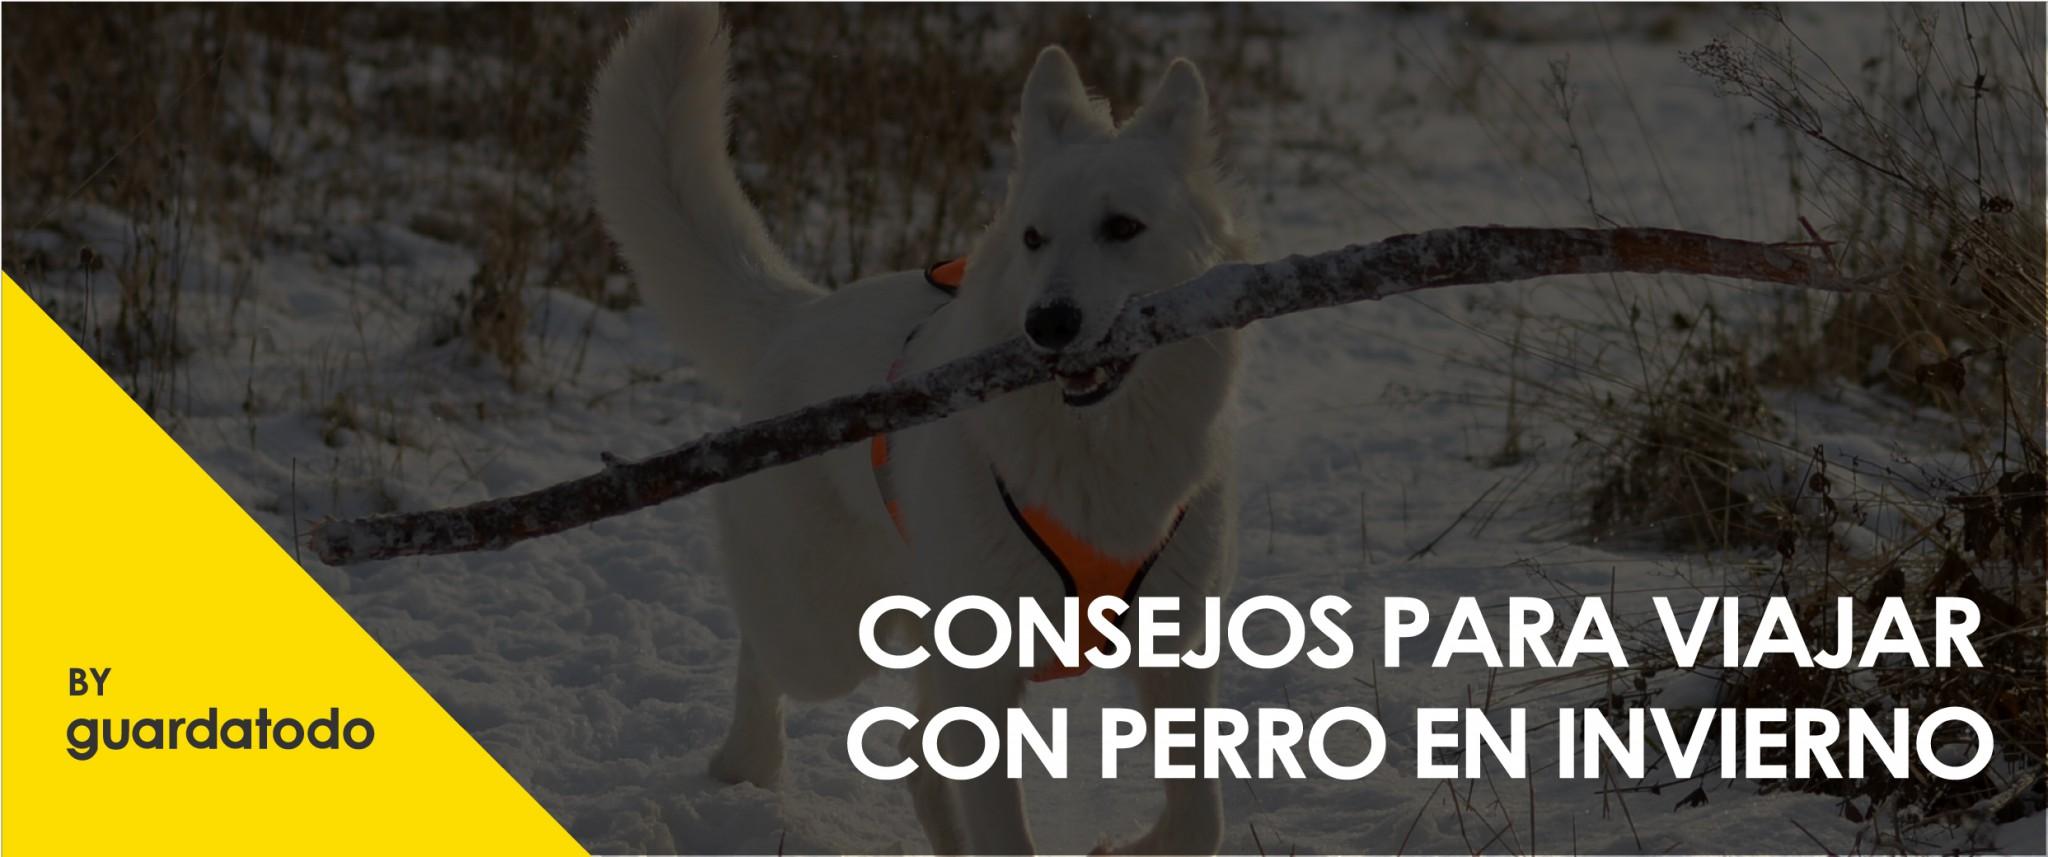 CONSEJOS PARA VIAJAR CON PERRO EN INVIERNO-01